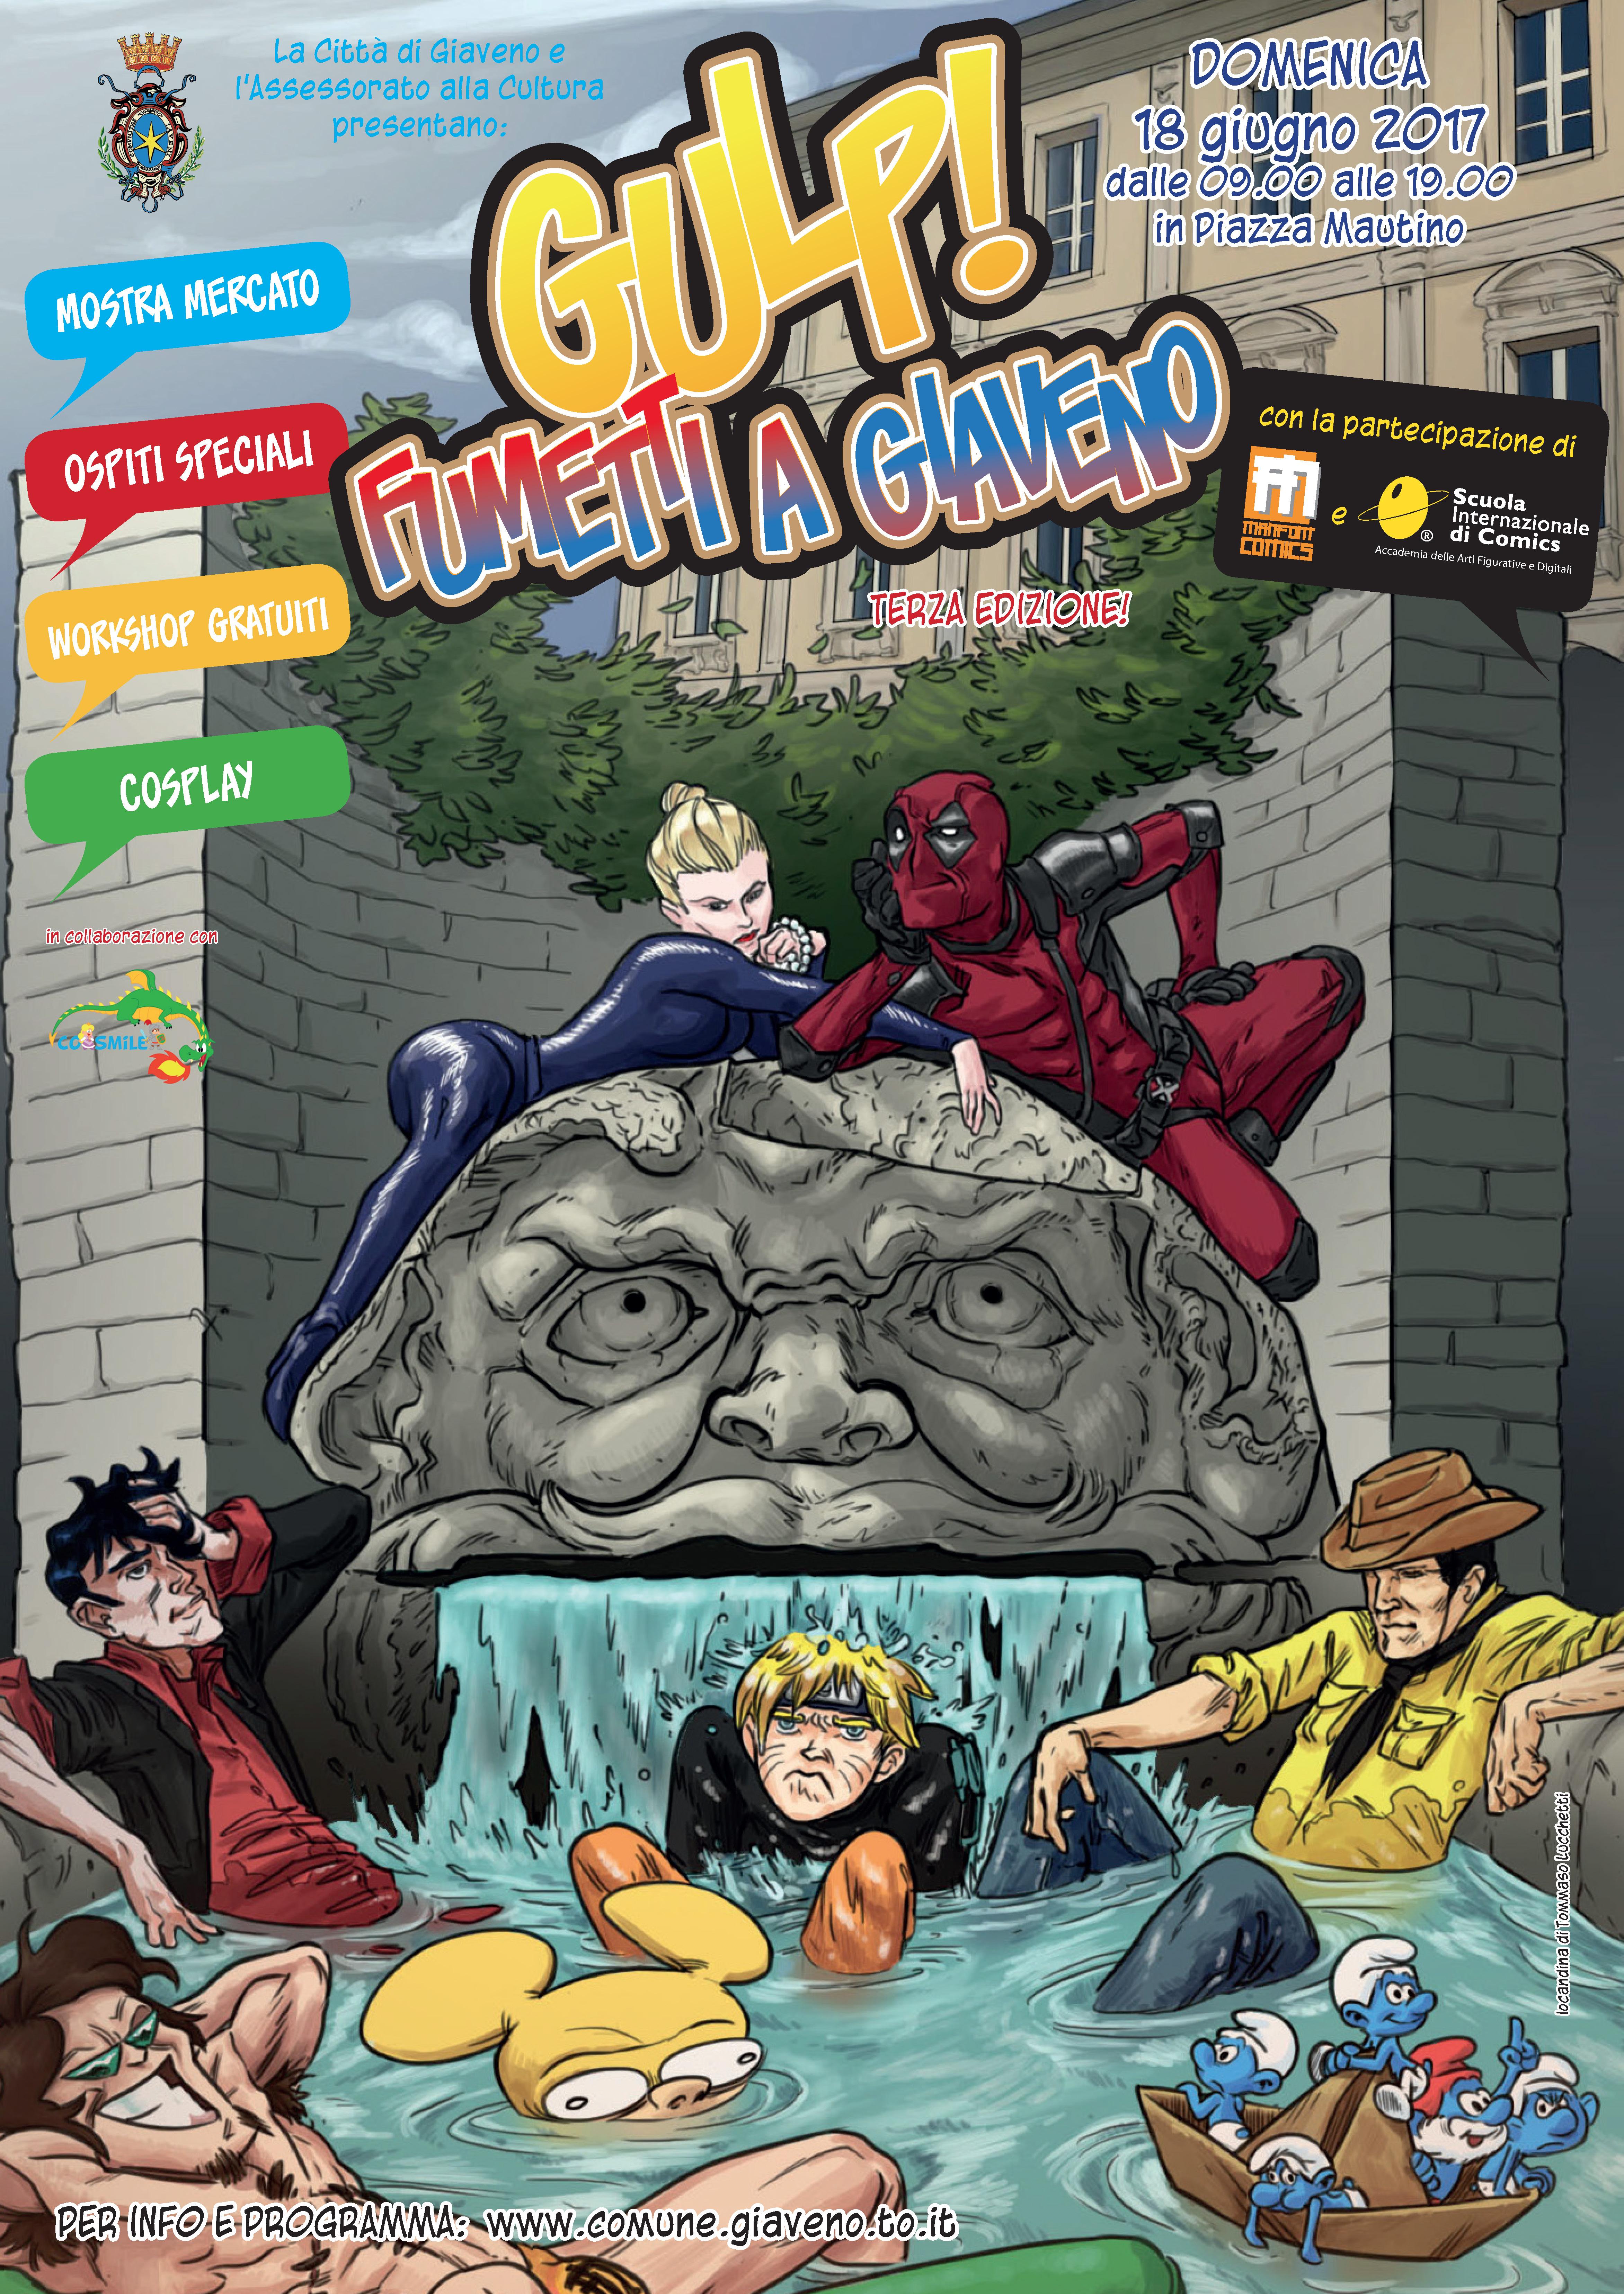 Gulp! Fumetti a Giaveno – 3° edizione – Domenica 18 giugno 2017